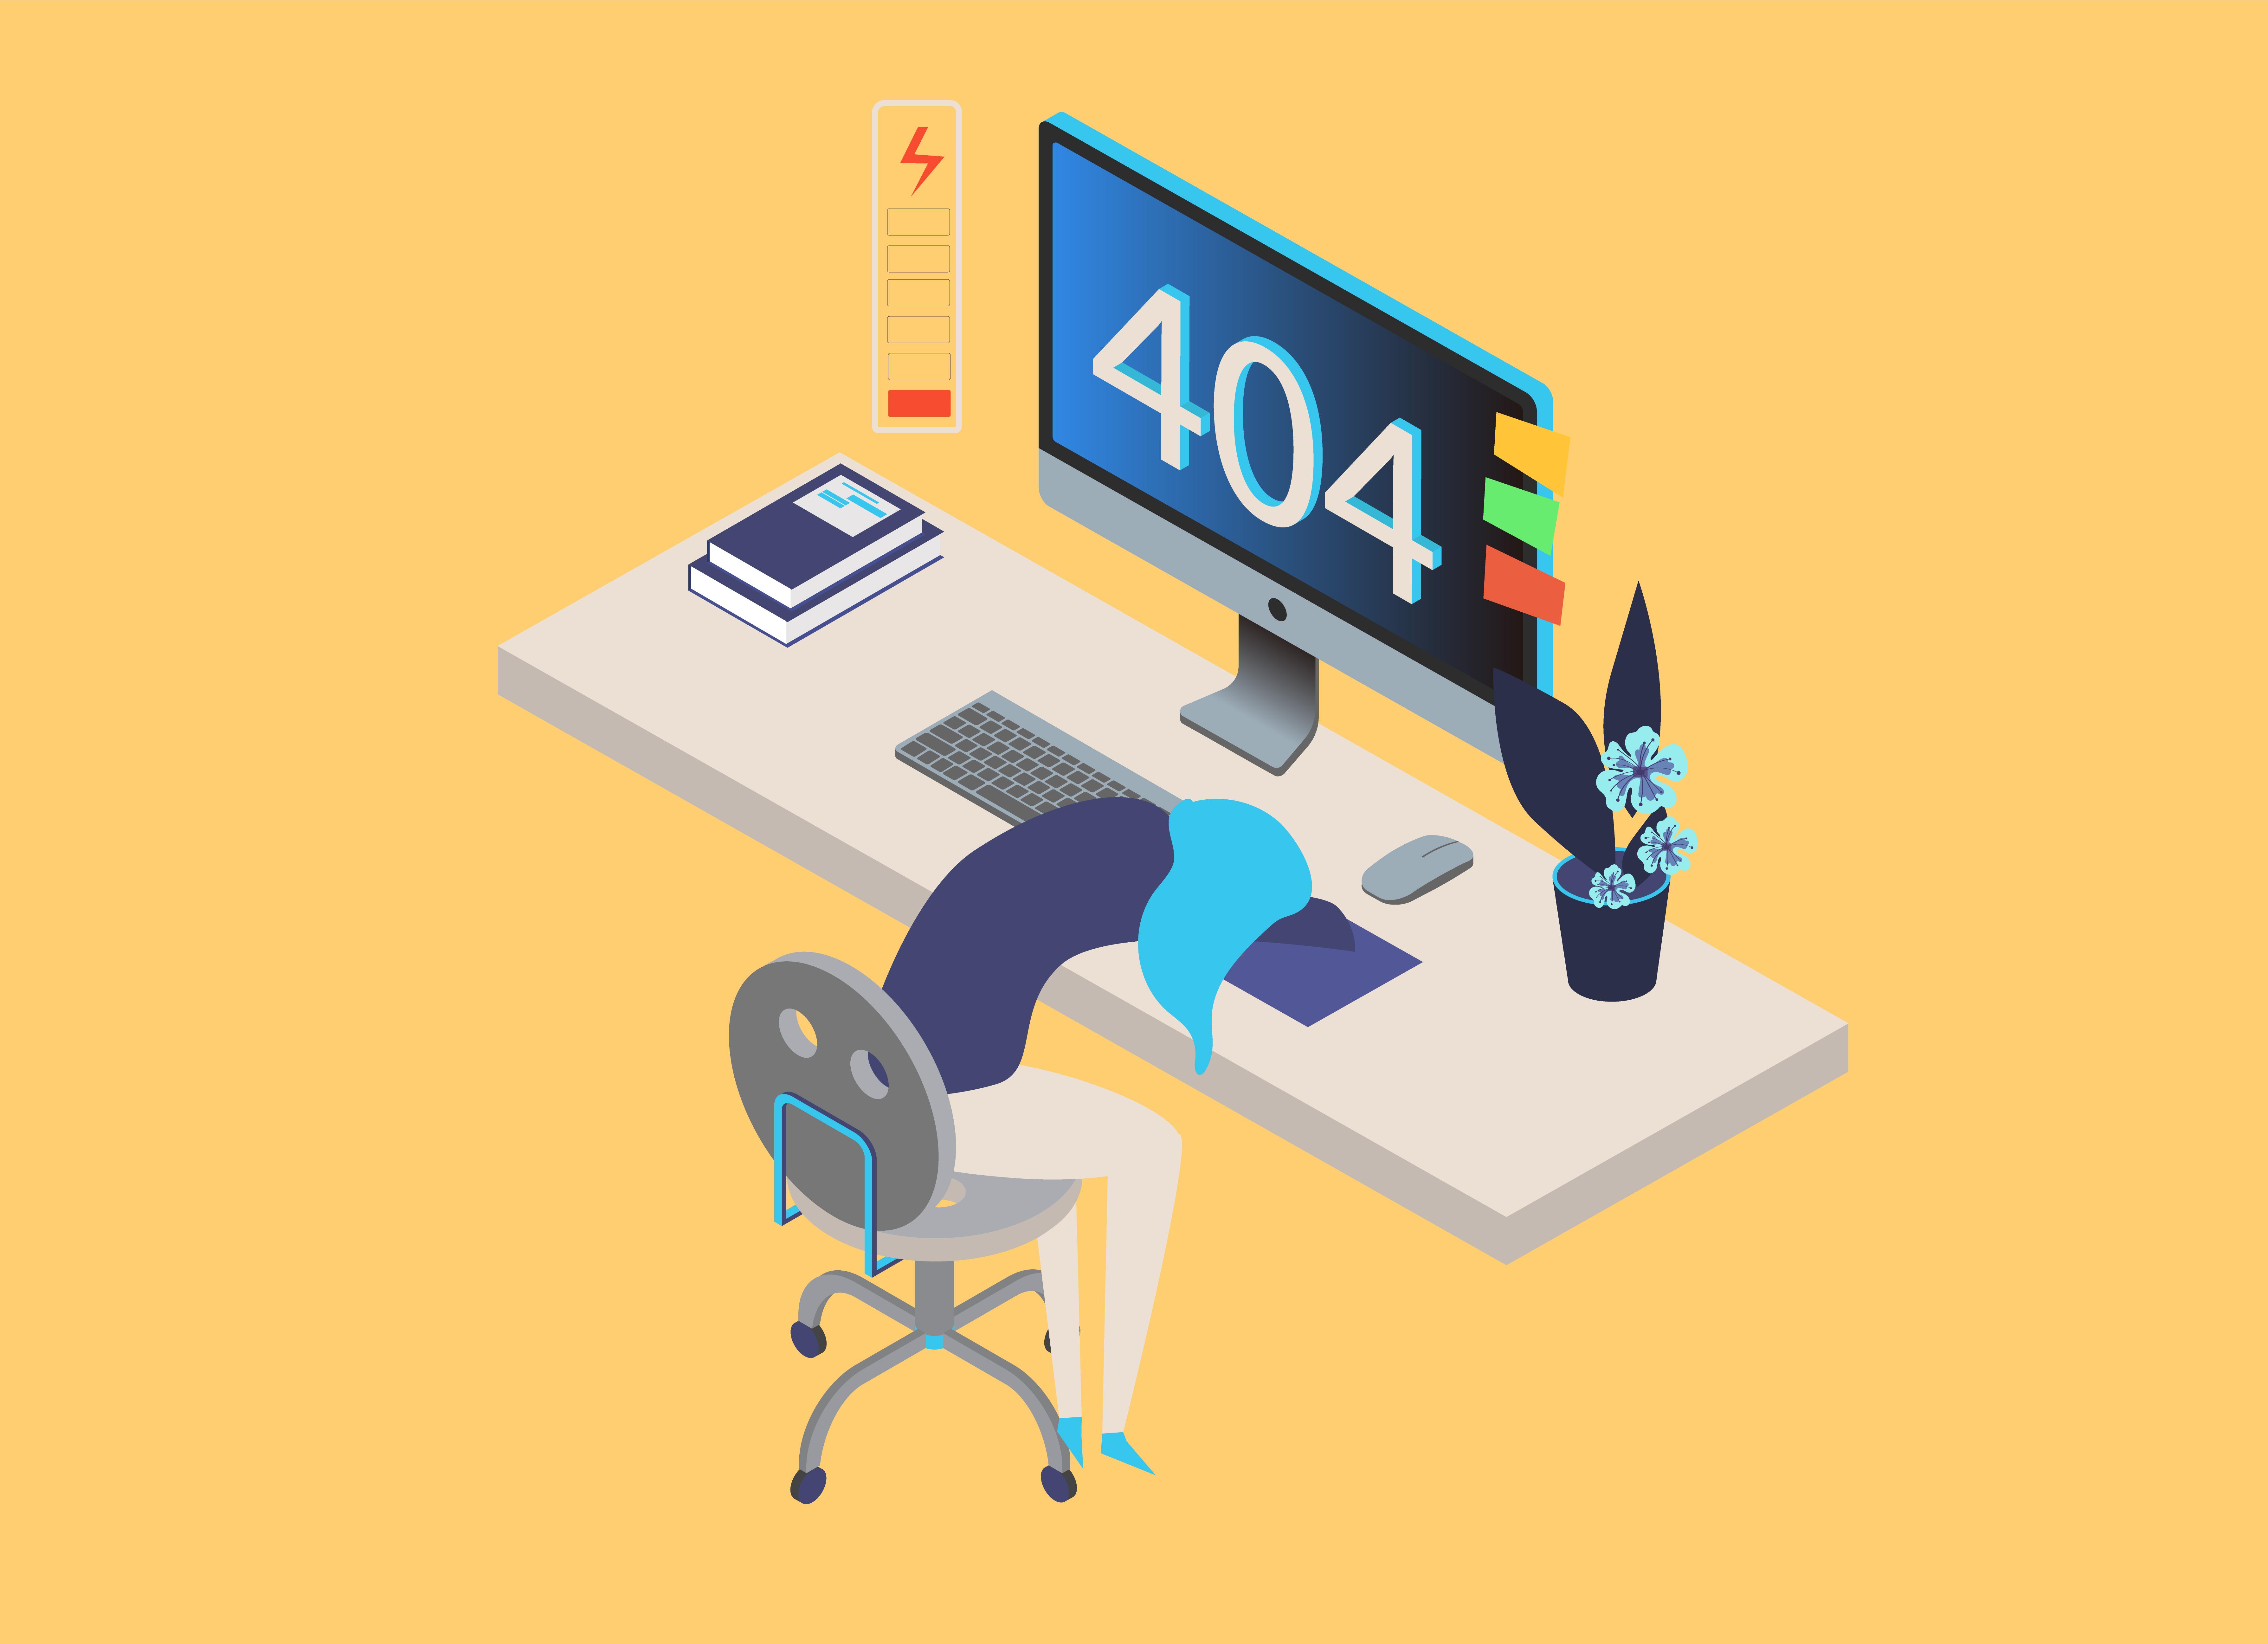 404エラーが表示された女性